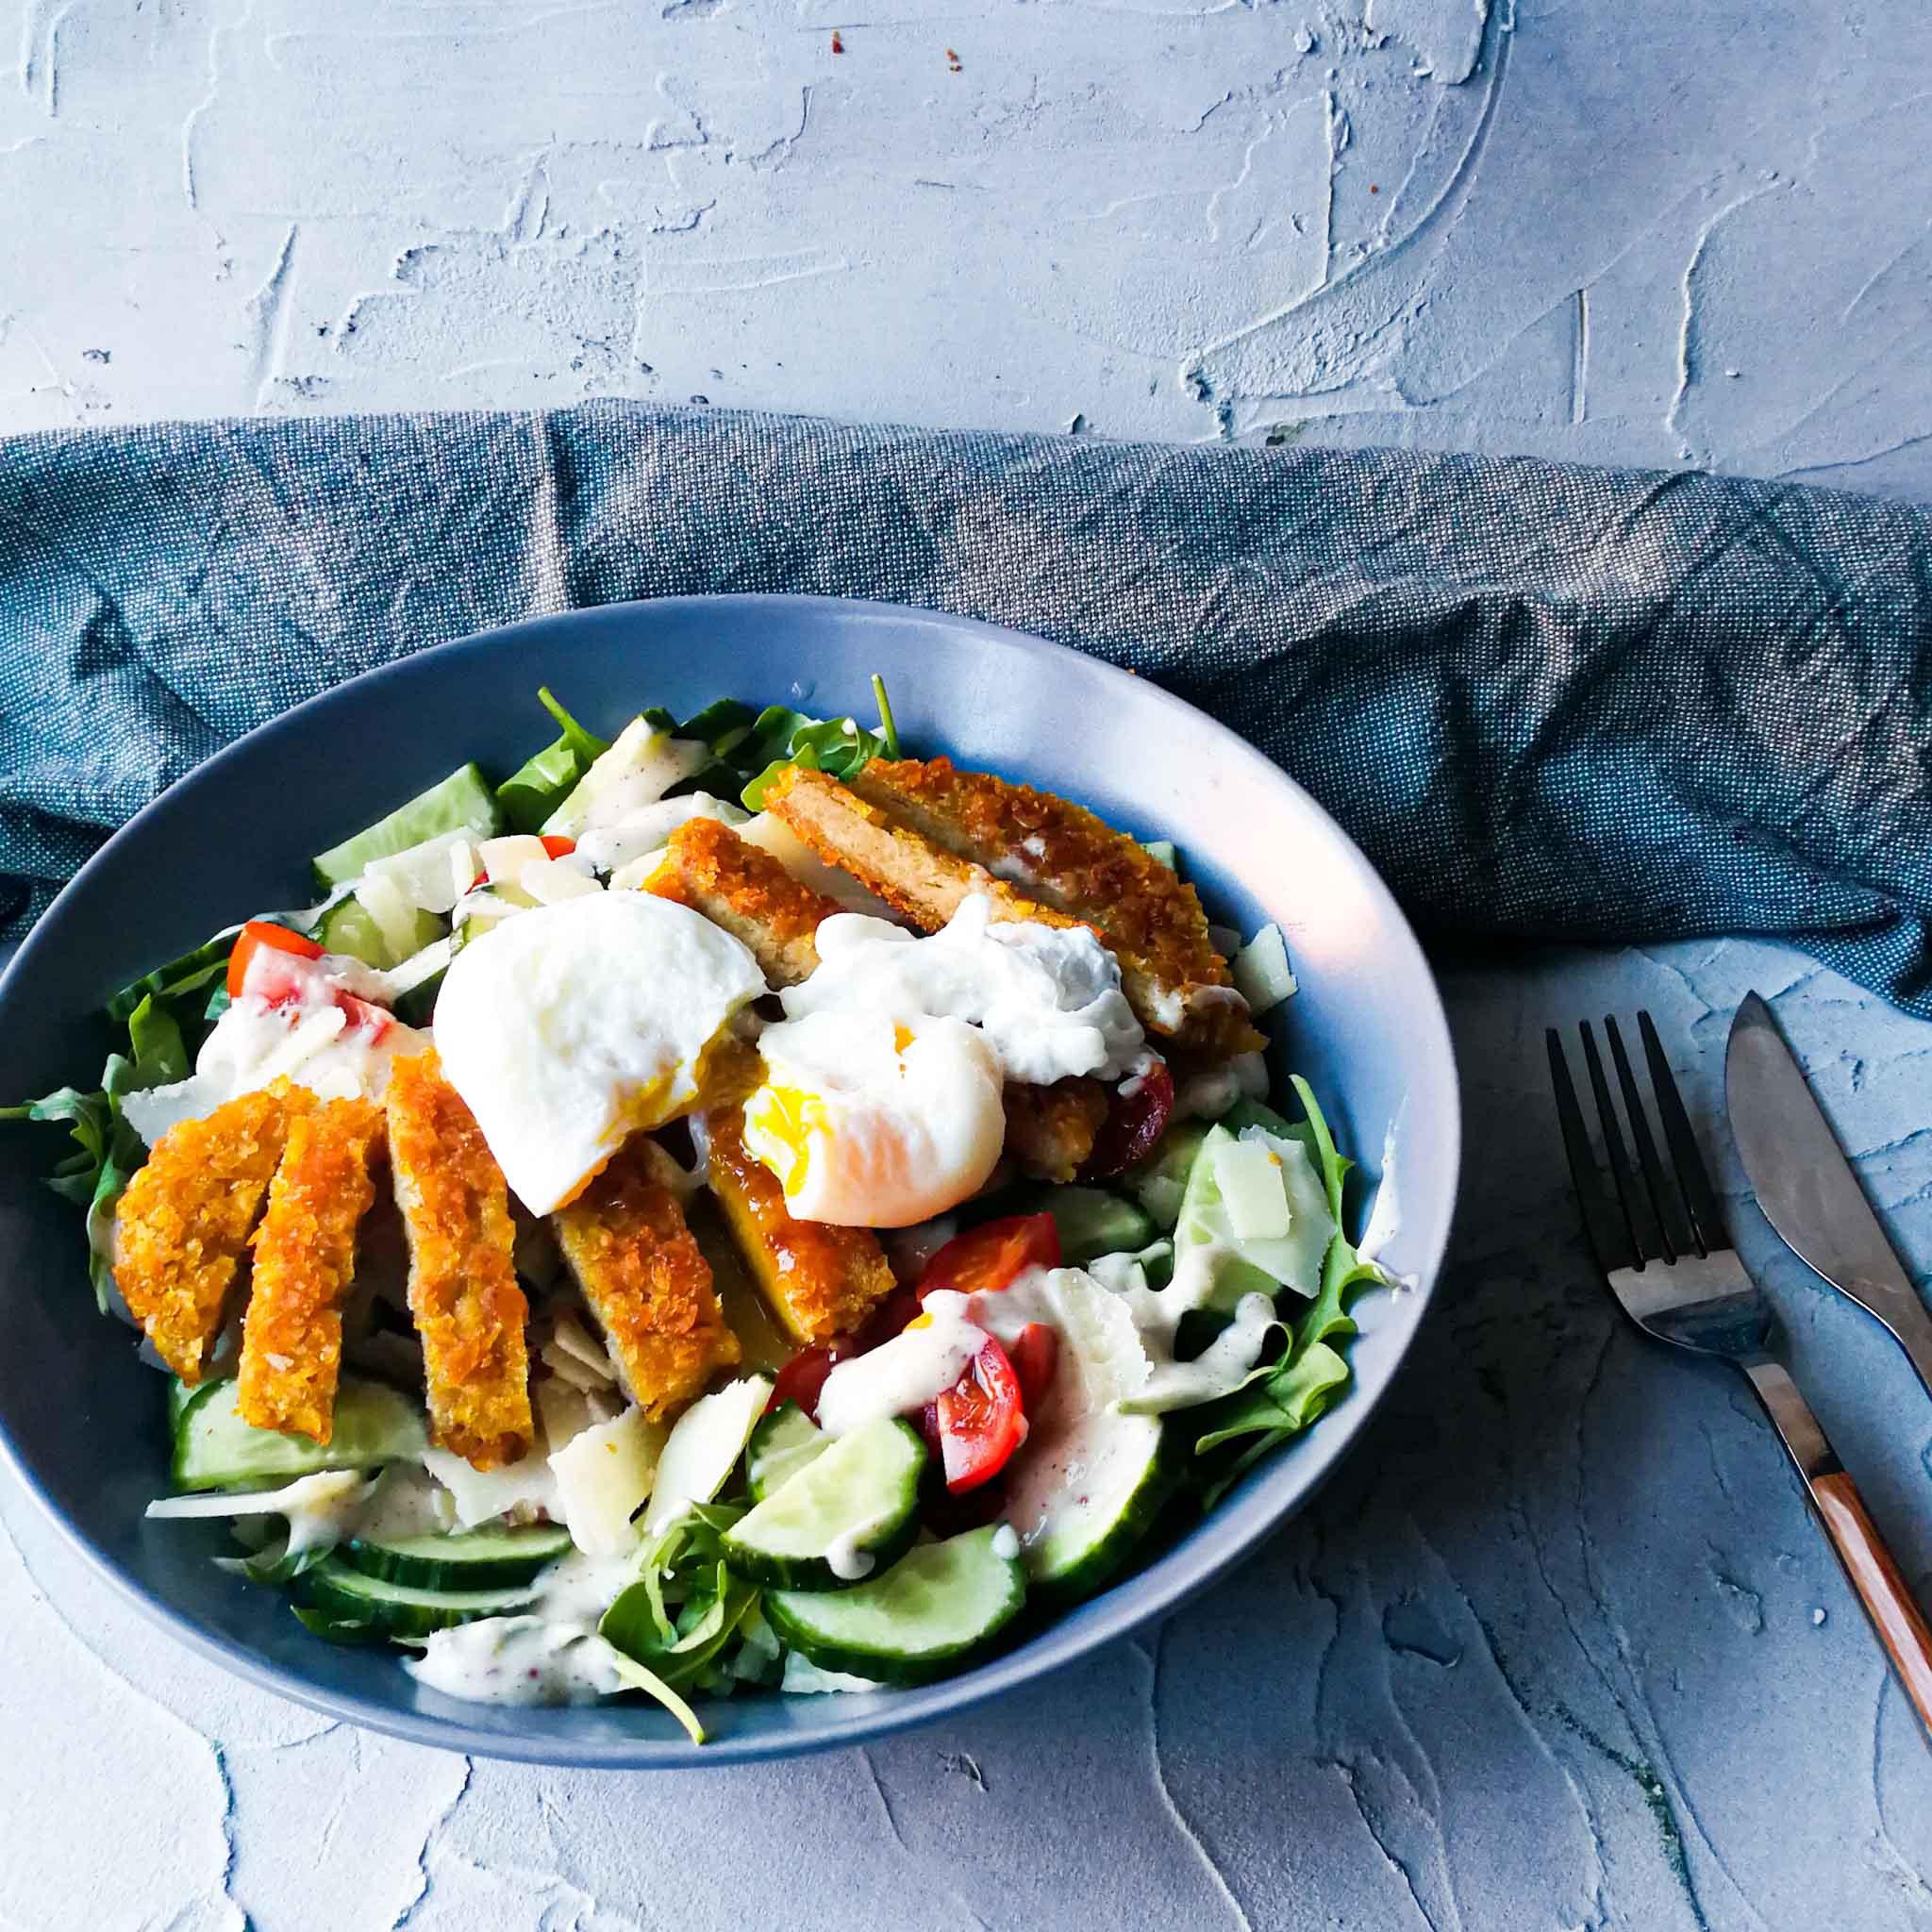 Salade met vega krokante kip en een gepocheerd eitje